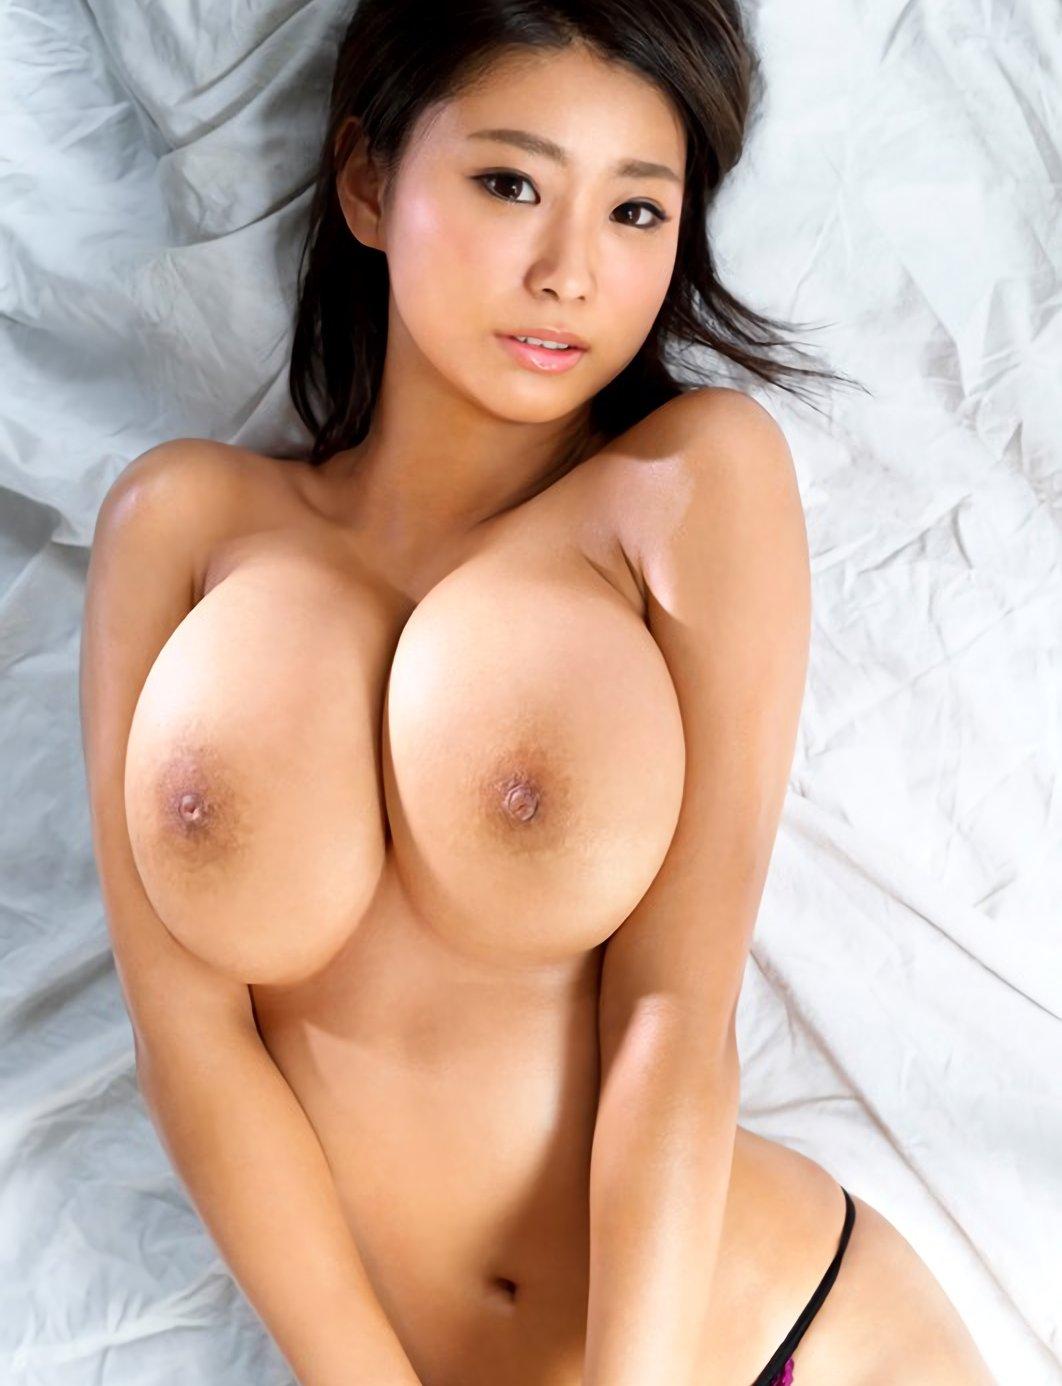 デカい乳房が重そうな女の子 (3)